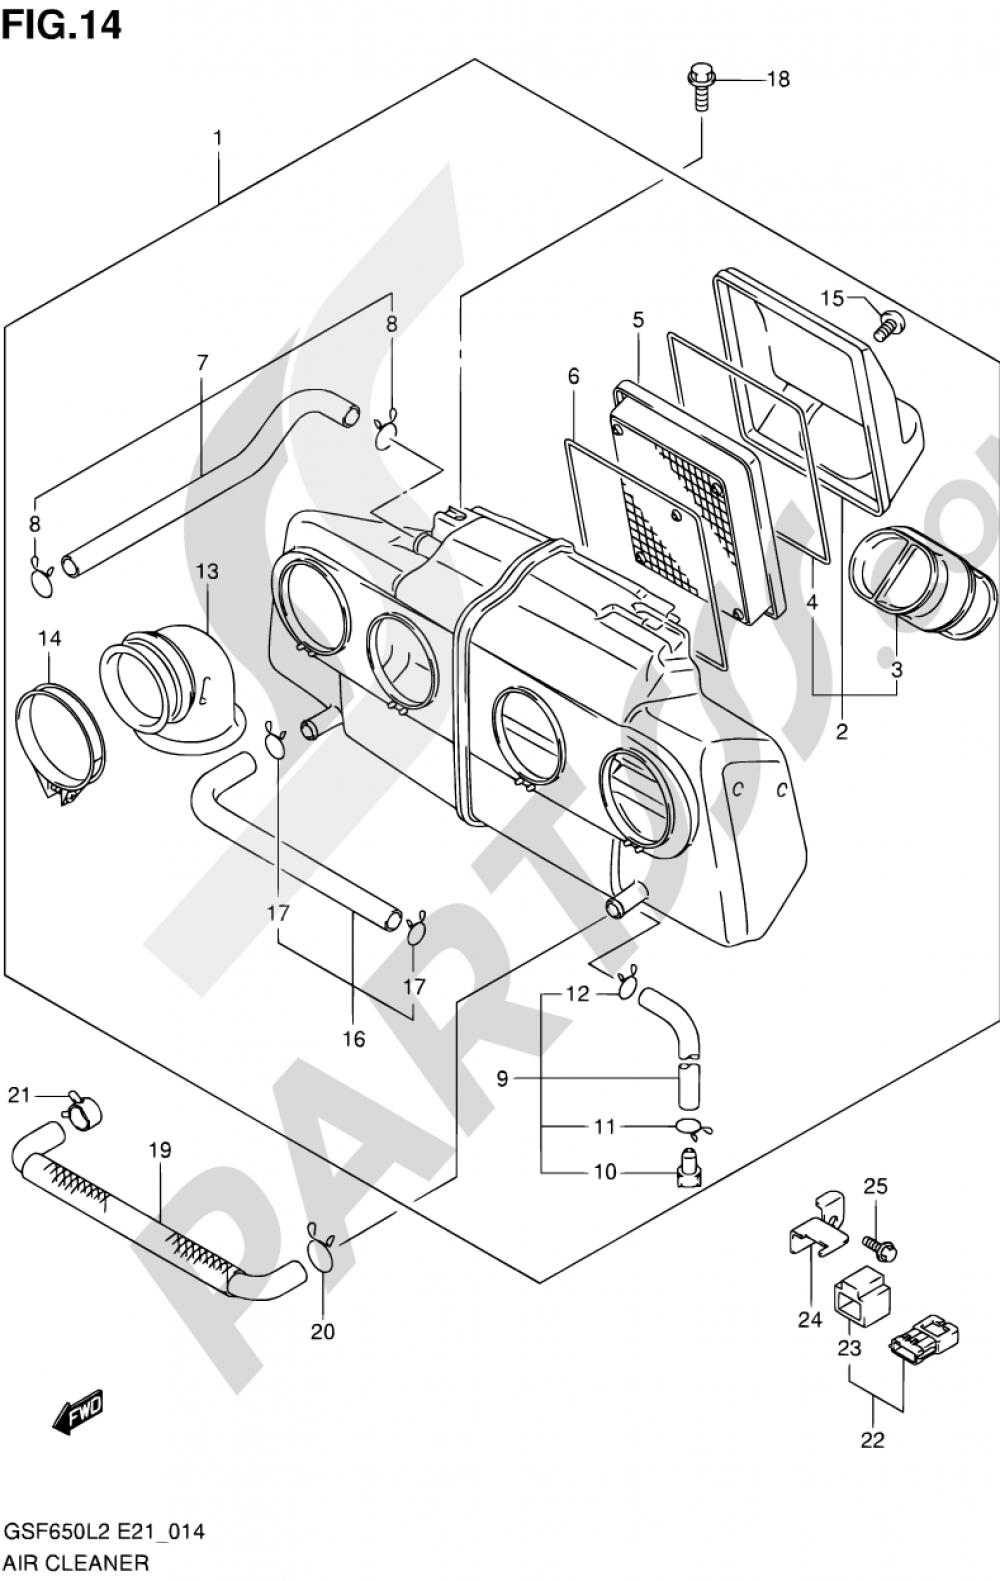 14 - AIR CLEANER Suzuki BANDIT GSF650S 2012